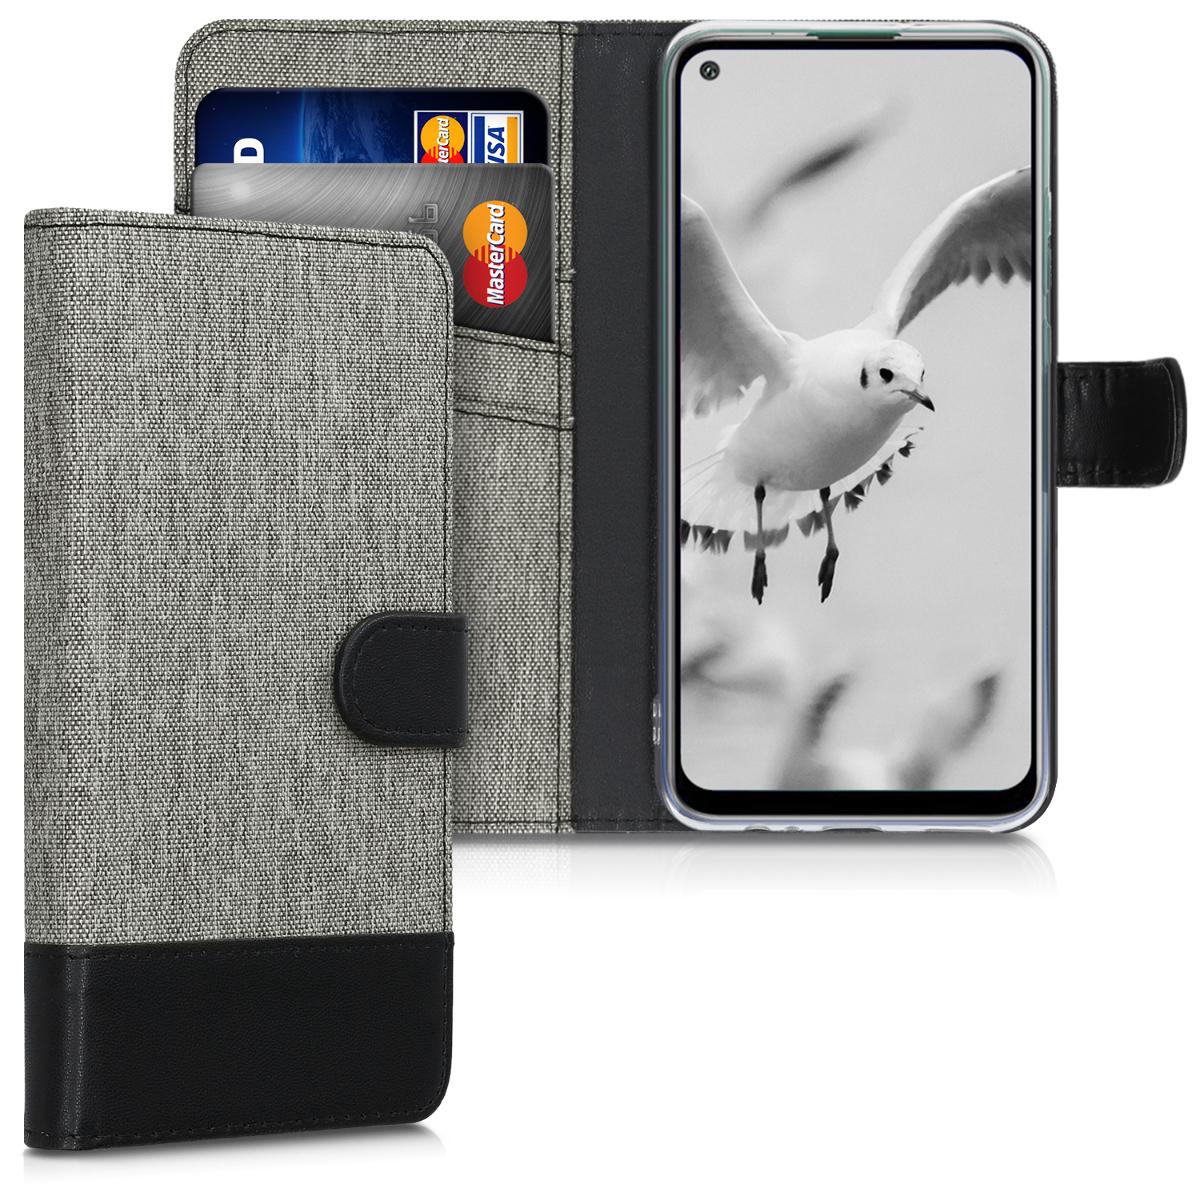 Šedé textilní pouzdro / obal jako peněženka pro Huawei P40 Lite E